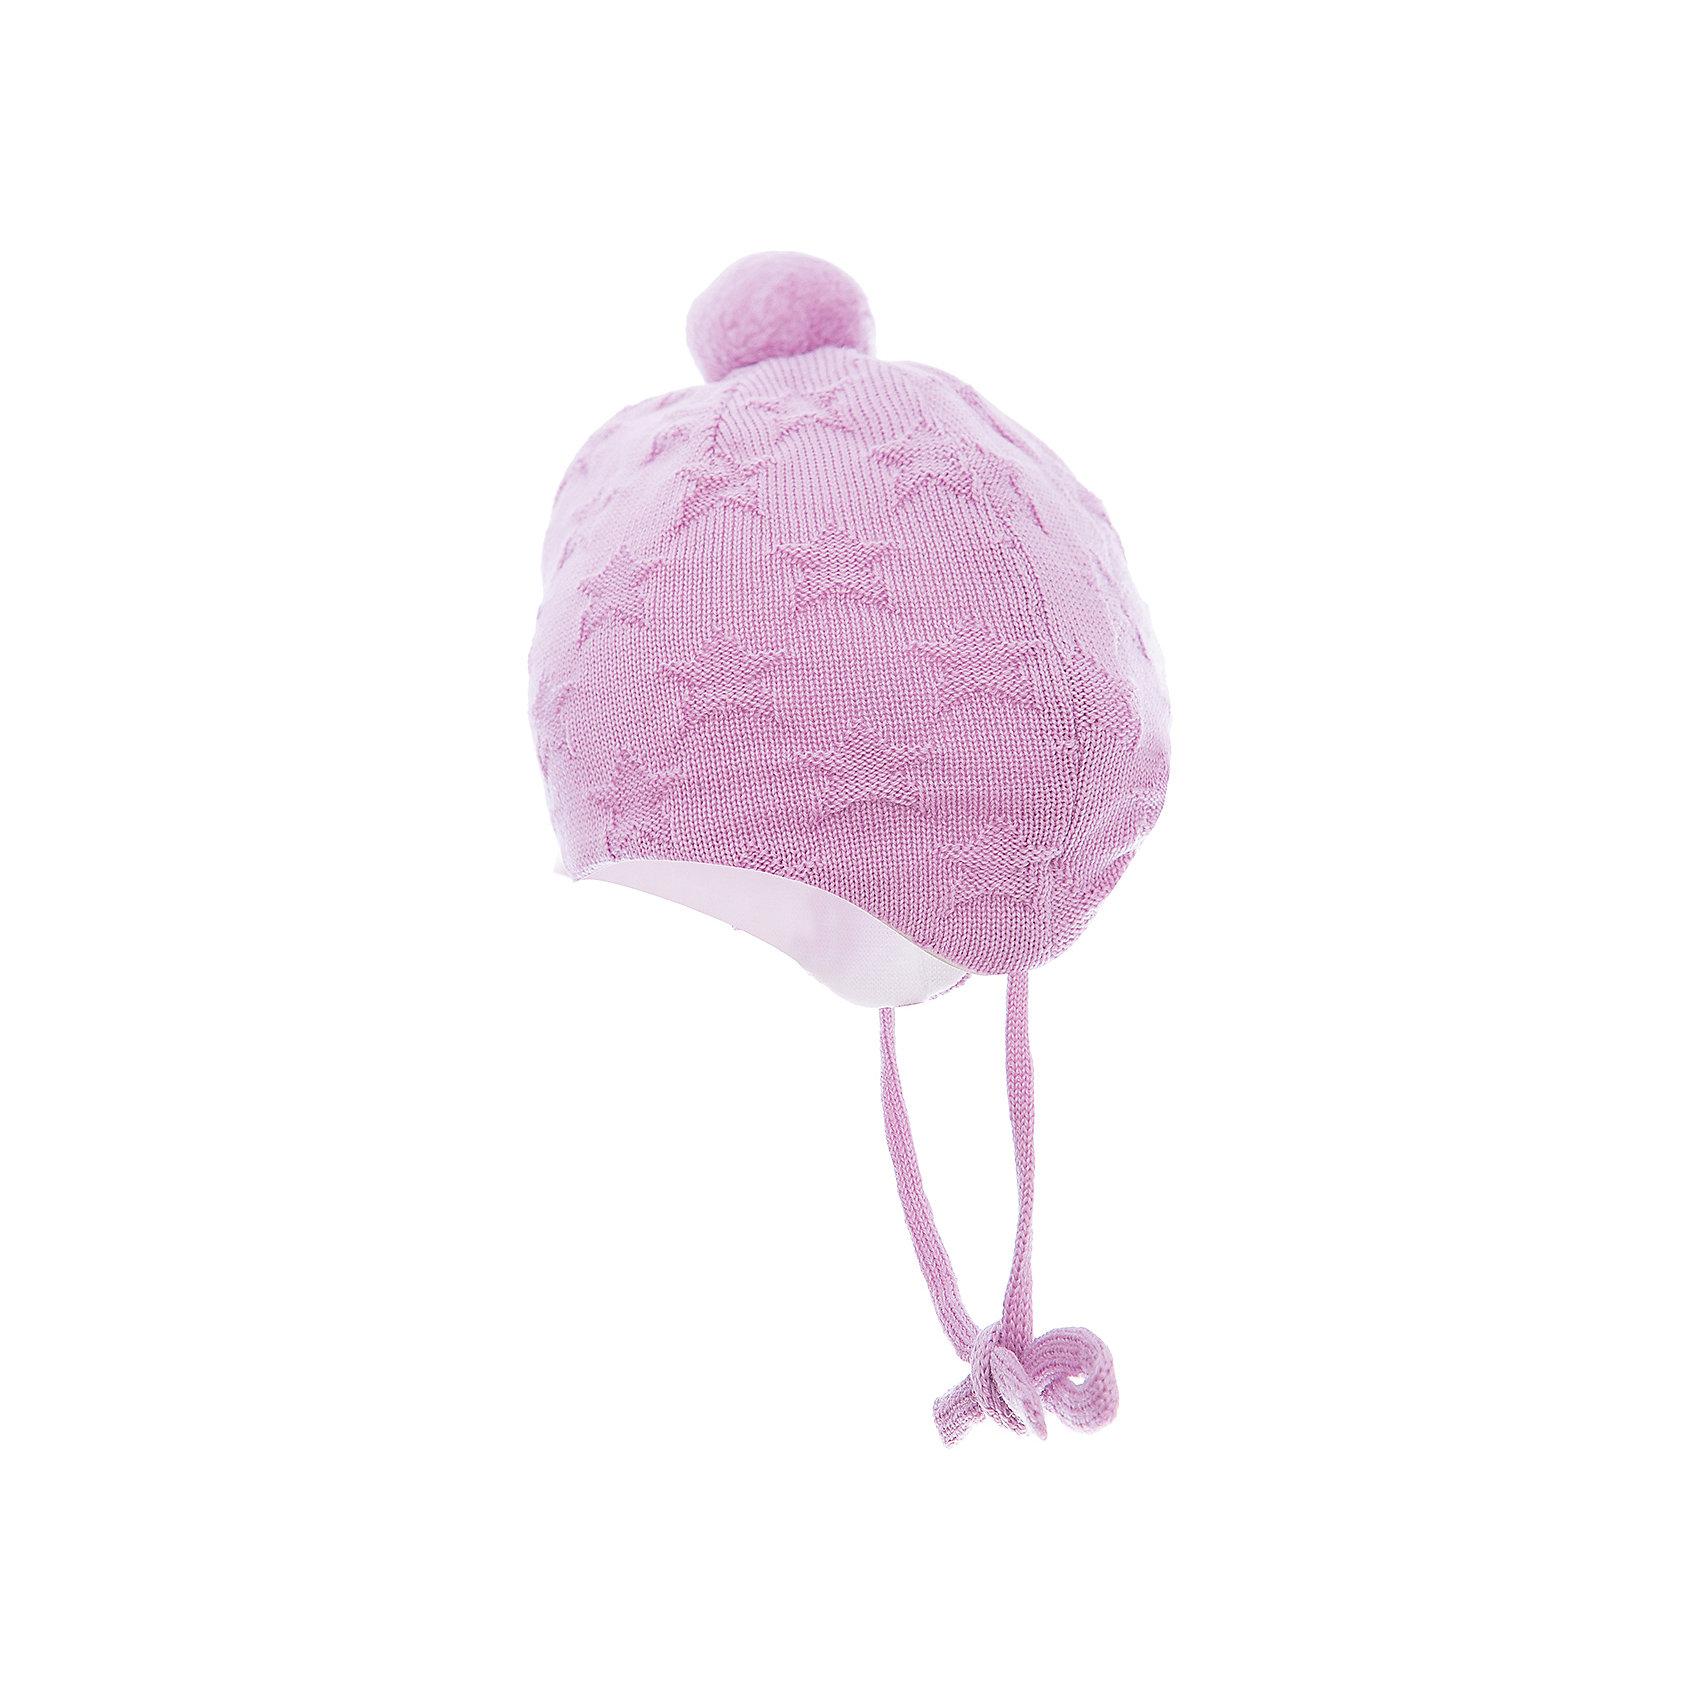 Шапка Lintu ReimaШапка  Reima<br>Шапка «Бини» для самых маленьких. Ткань из смеси мериносовой шерсти сохраняет тепло даже при намокании. Шерсть идеально поддерживает температуру. Теплая шерстяная вязка (волокно). Основной материал сертифицирован Oeko-Tex, класс 1, одежда для малышей. Любые размеры. Мягкая подкладка из хлопка и эластана. Задние швы отсутствуют. Логотип Reima® сбоку. Милый вязаный узор. Помпон сверху. Интересная структура поверхности.<br>Уход:<br>Стирать по отдельности, вывернув наизнанку. Придать первоначальную форму вo влажном виде. Возможна усадка 5 %.<br>Состав:<br>100% Шерсть<br><br>Ширина мм: 89<br>Глубина мм: 117<br>Высота мм: 44<br>Вес г: 155<br>Цвет: розовый<br>Возраст от месяцев: 4<br>Возраст до месяцев: 6<br>Пол: Женский<br>Возраст: Детский<br>Размер: 36-38,40-42,44-46<br>SKU: 4775564